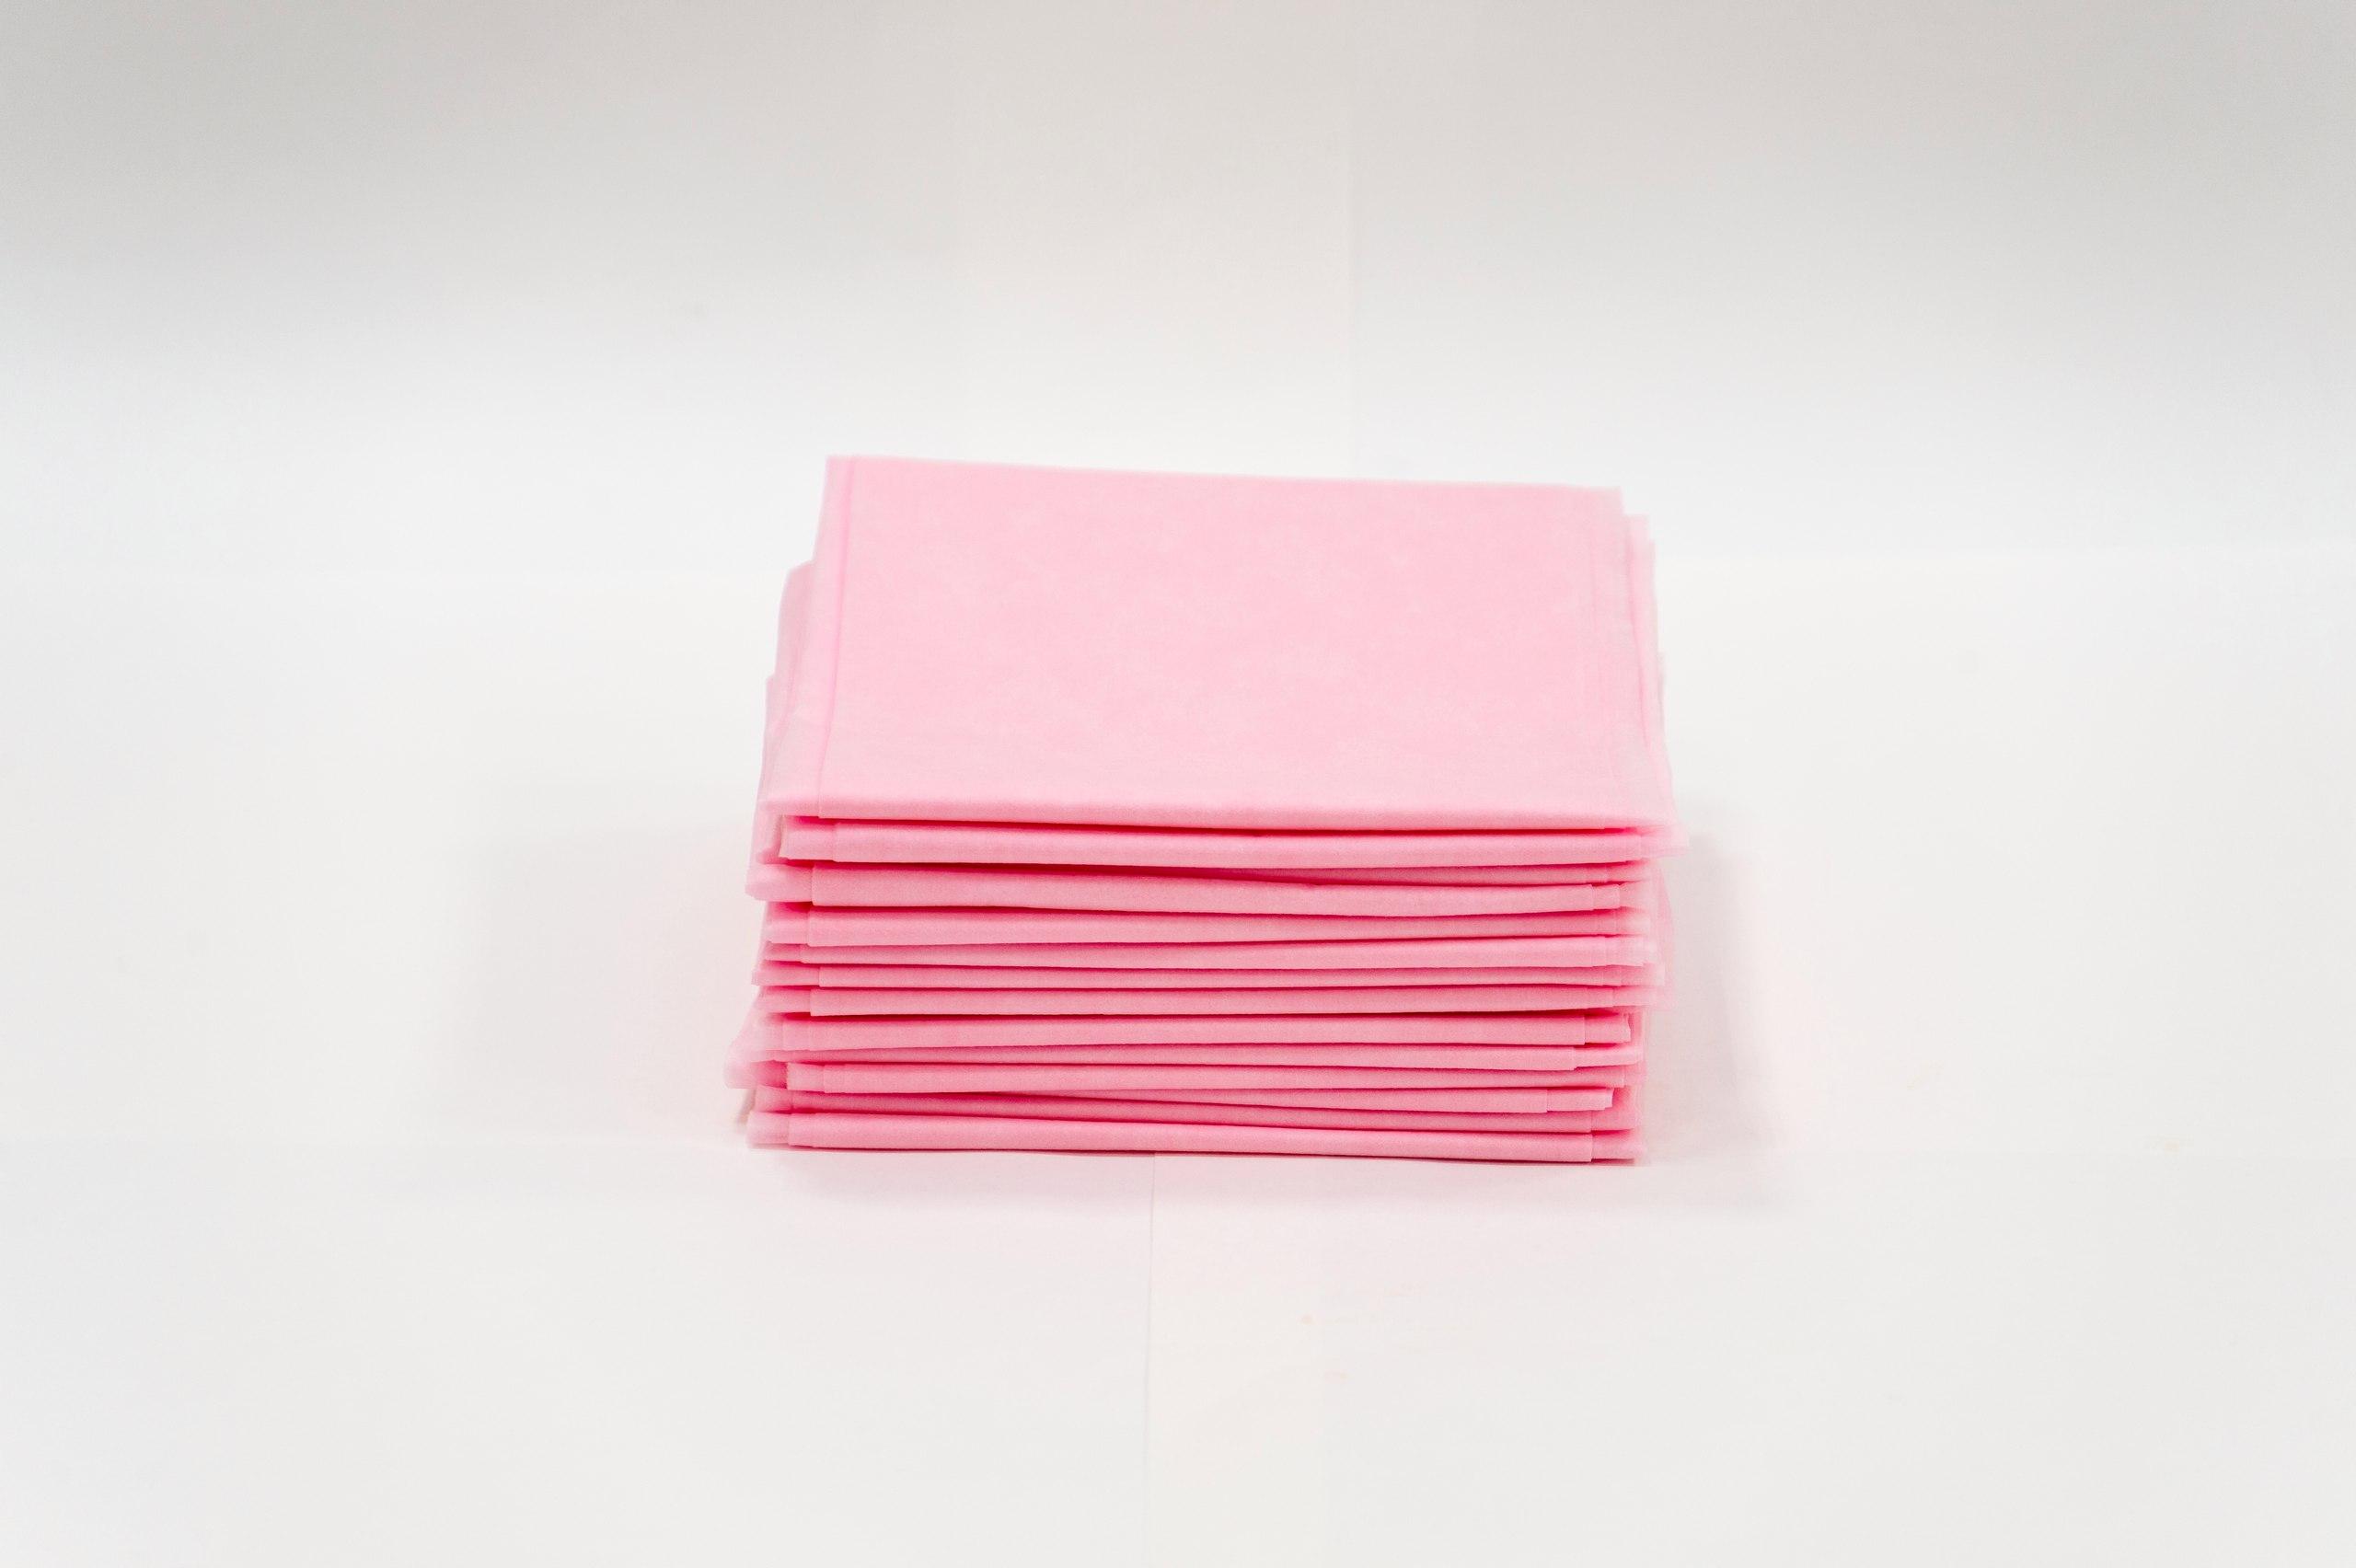 ЧИСТОВЬЕ Простыня SMS 200 х 80 см розовый Стандарт 20 шт/уп